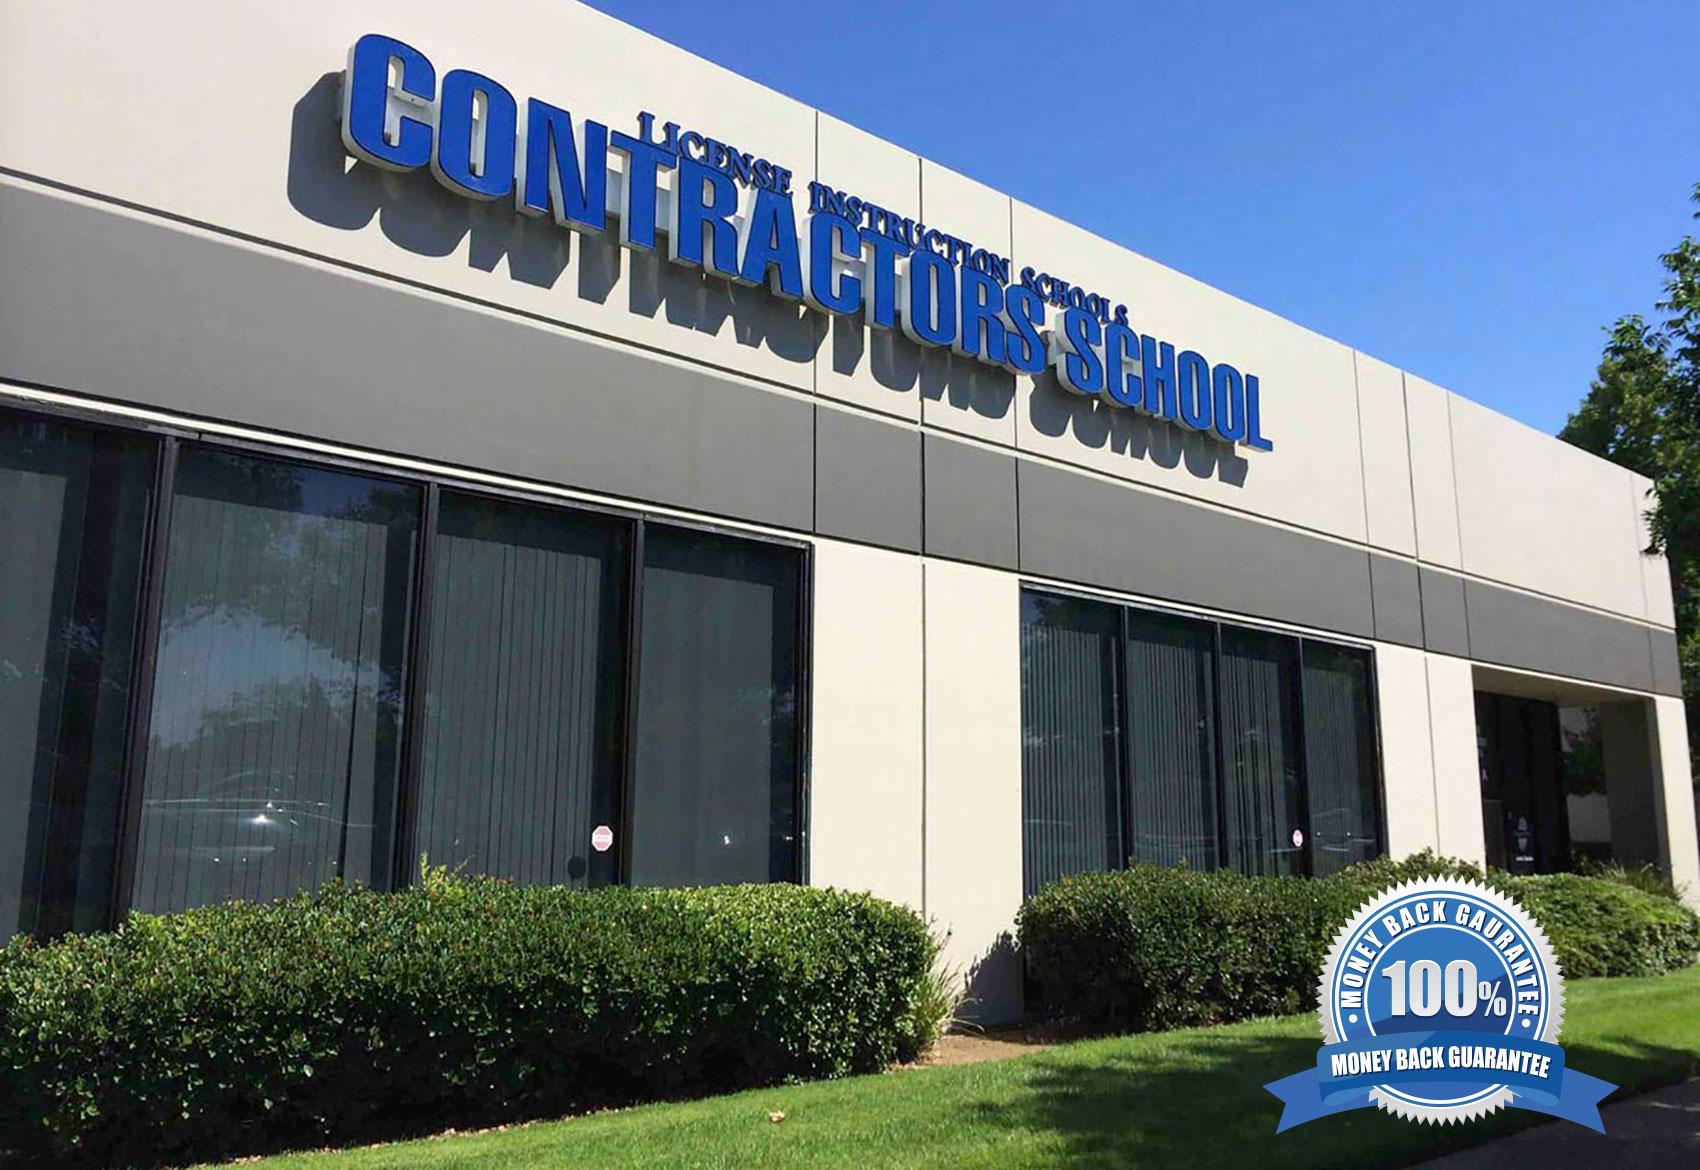 Contractors License Schools Building